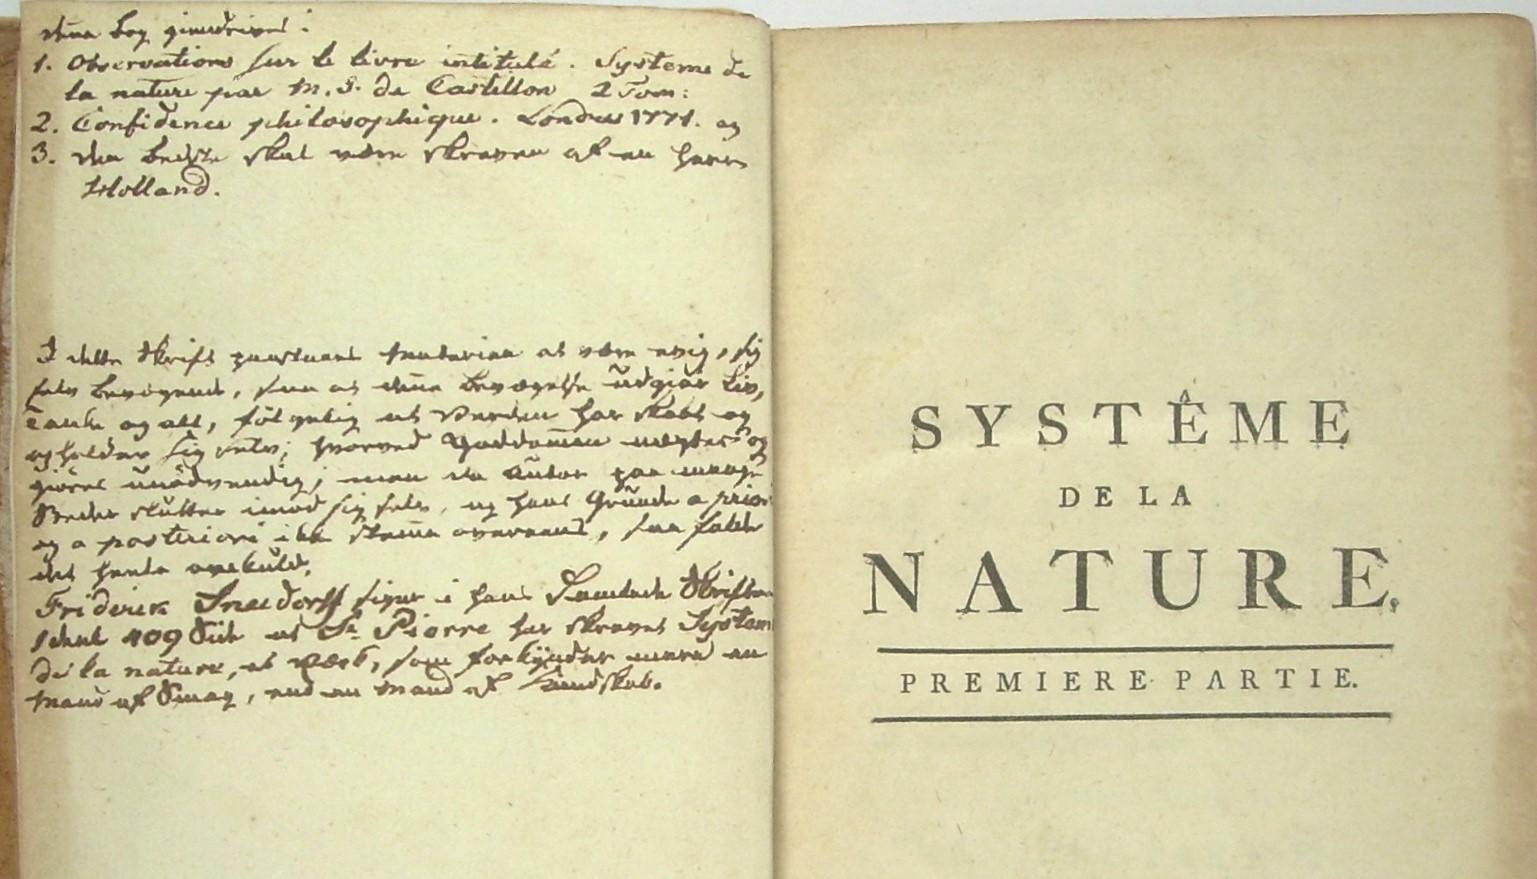 Le Systeme de la nature